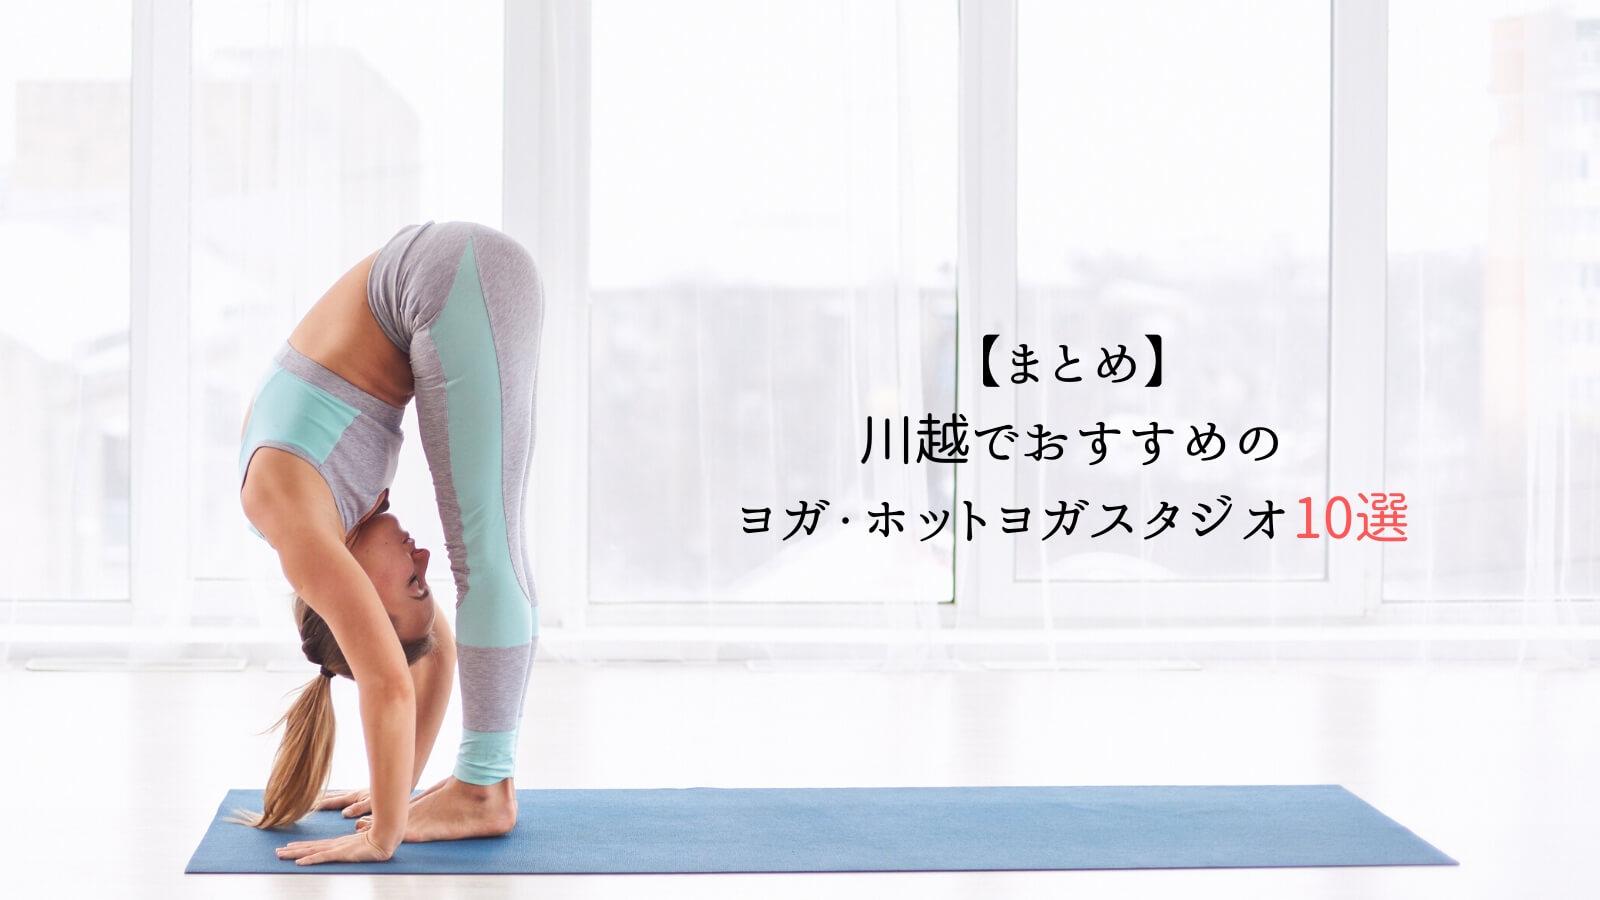 【まとめ】川越でおすすめのヨガ・ホットヨガスタジオ10選